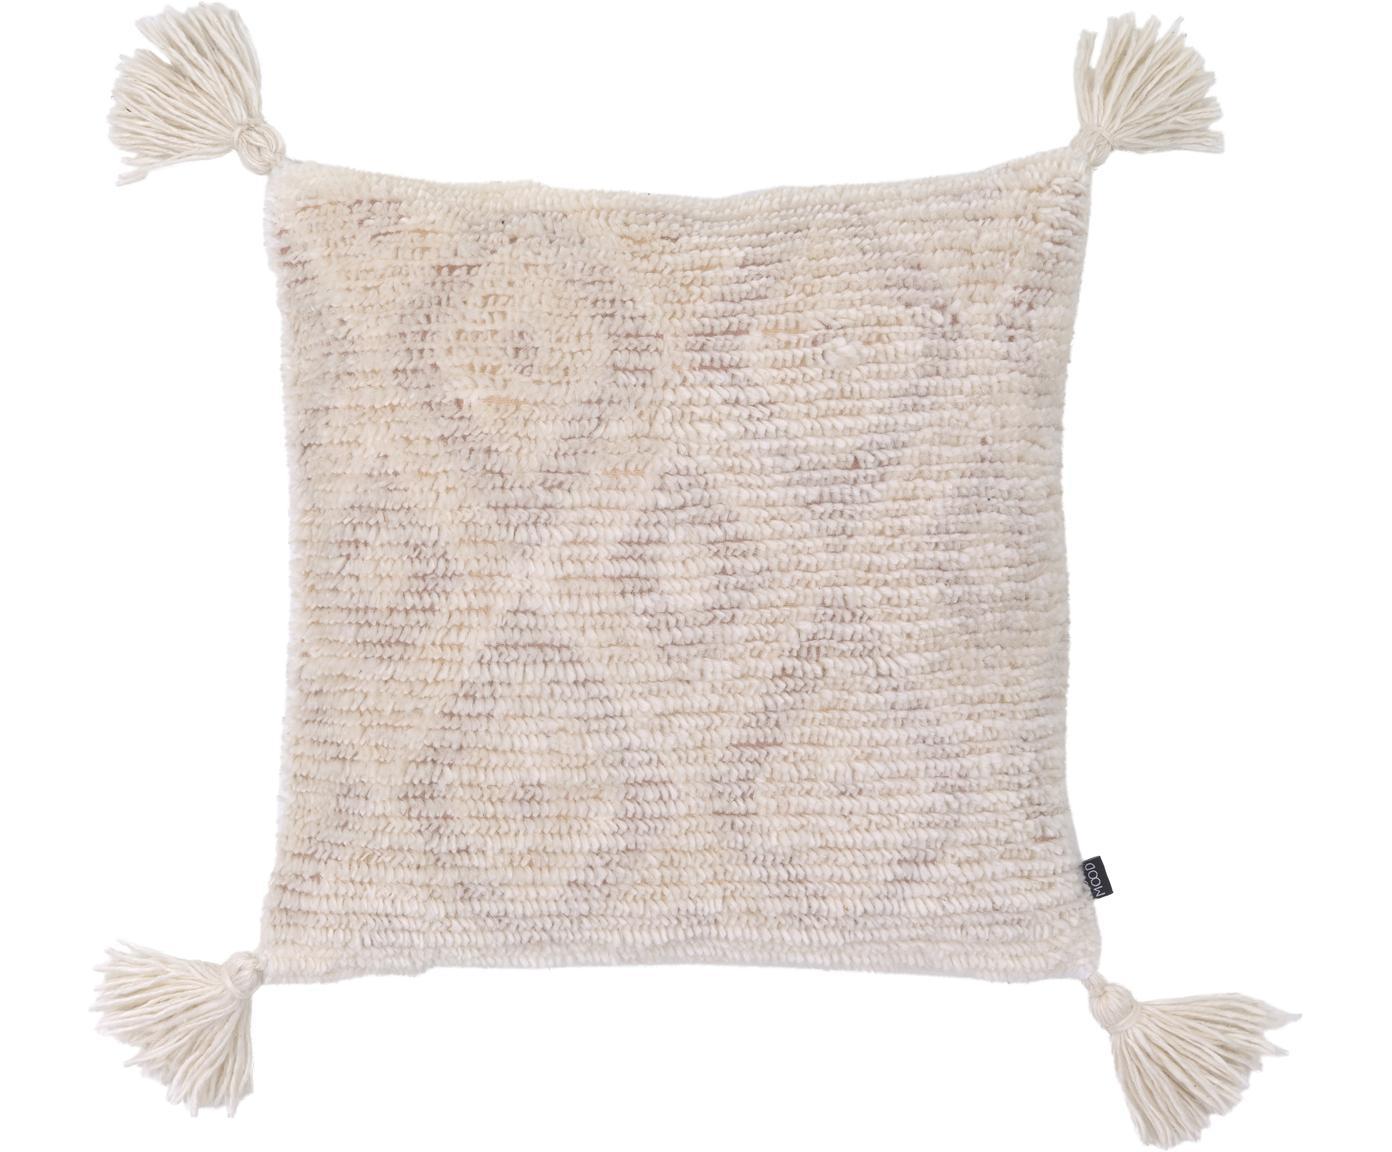 Boho-Kissenhülle Zoya mit Hoch-Tief-Struktur und Quasten, 70% Baumwolle, 30% Polyester, Cremeweiss, Beige, 45 x 45 cm